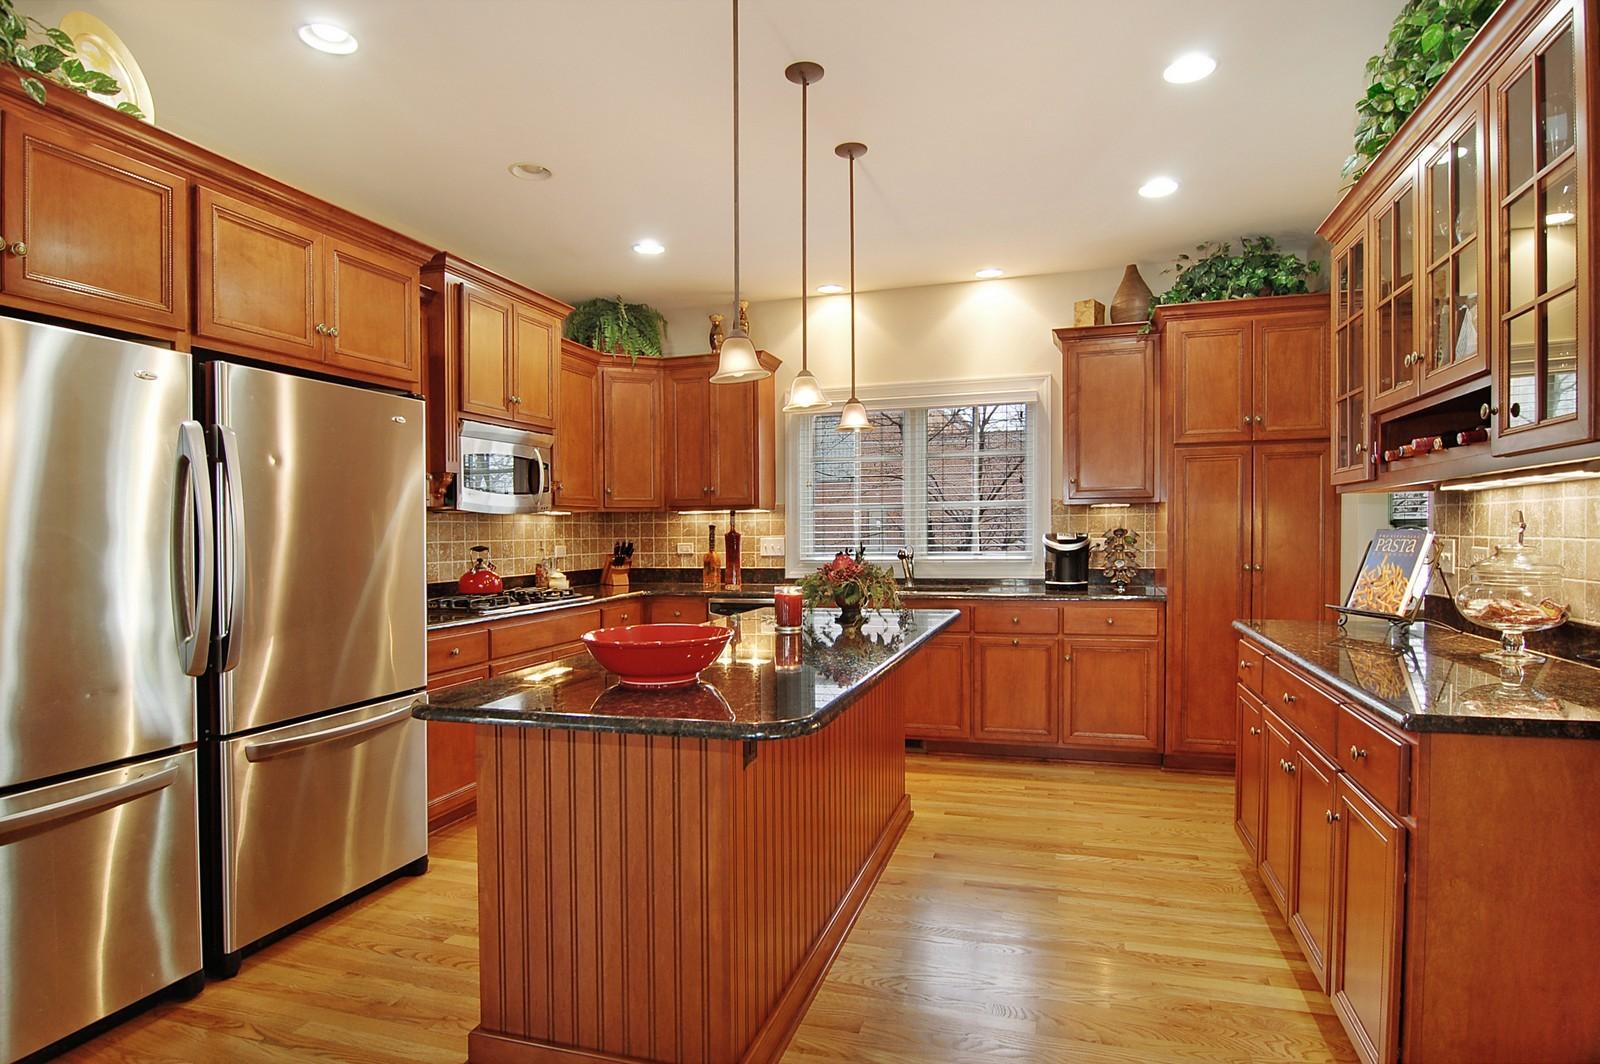 Real Estate Photography - 203 E. Lincoln, Wheaton, IL, 60187 - Kitchen